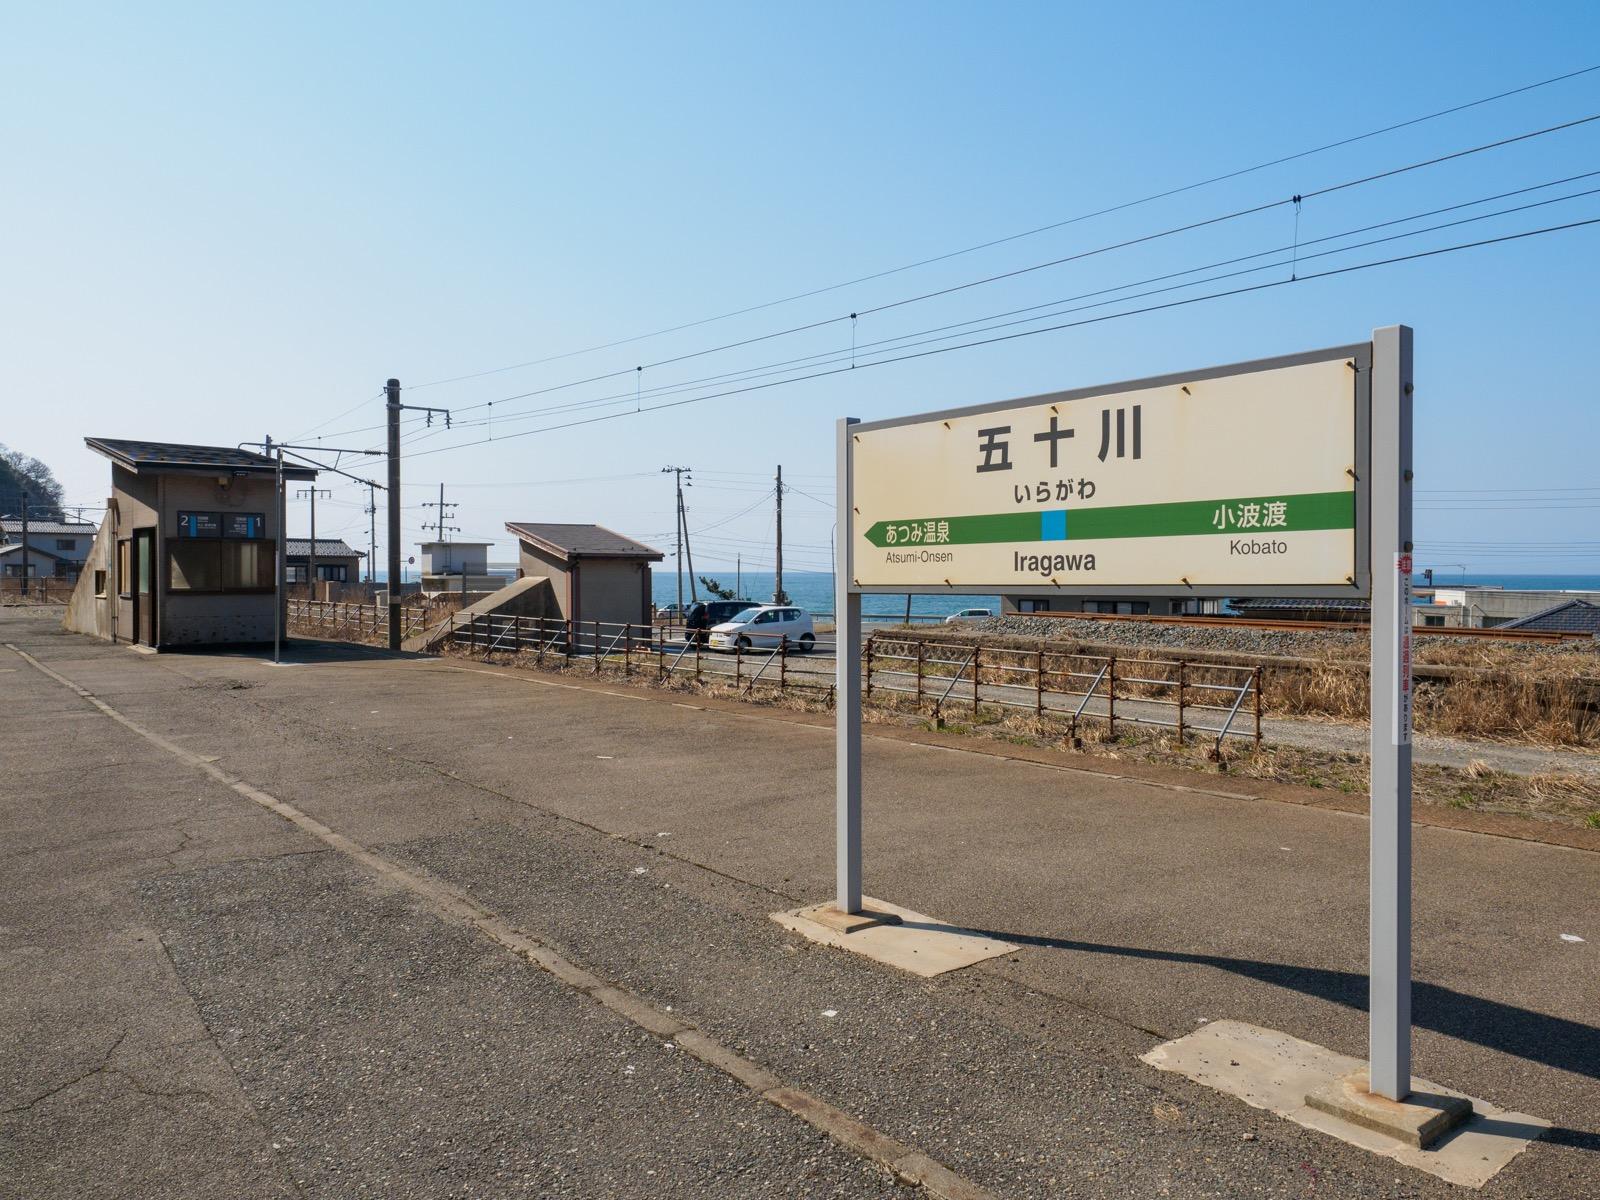 五十川駅のホームと日本海